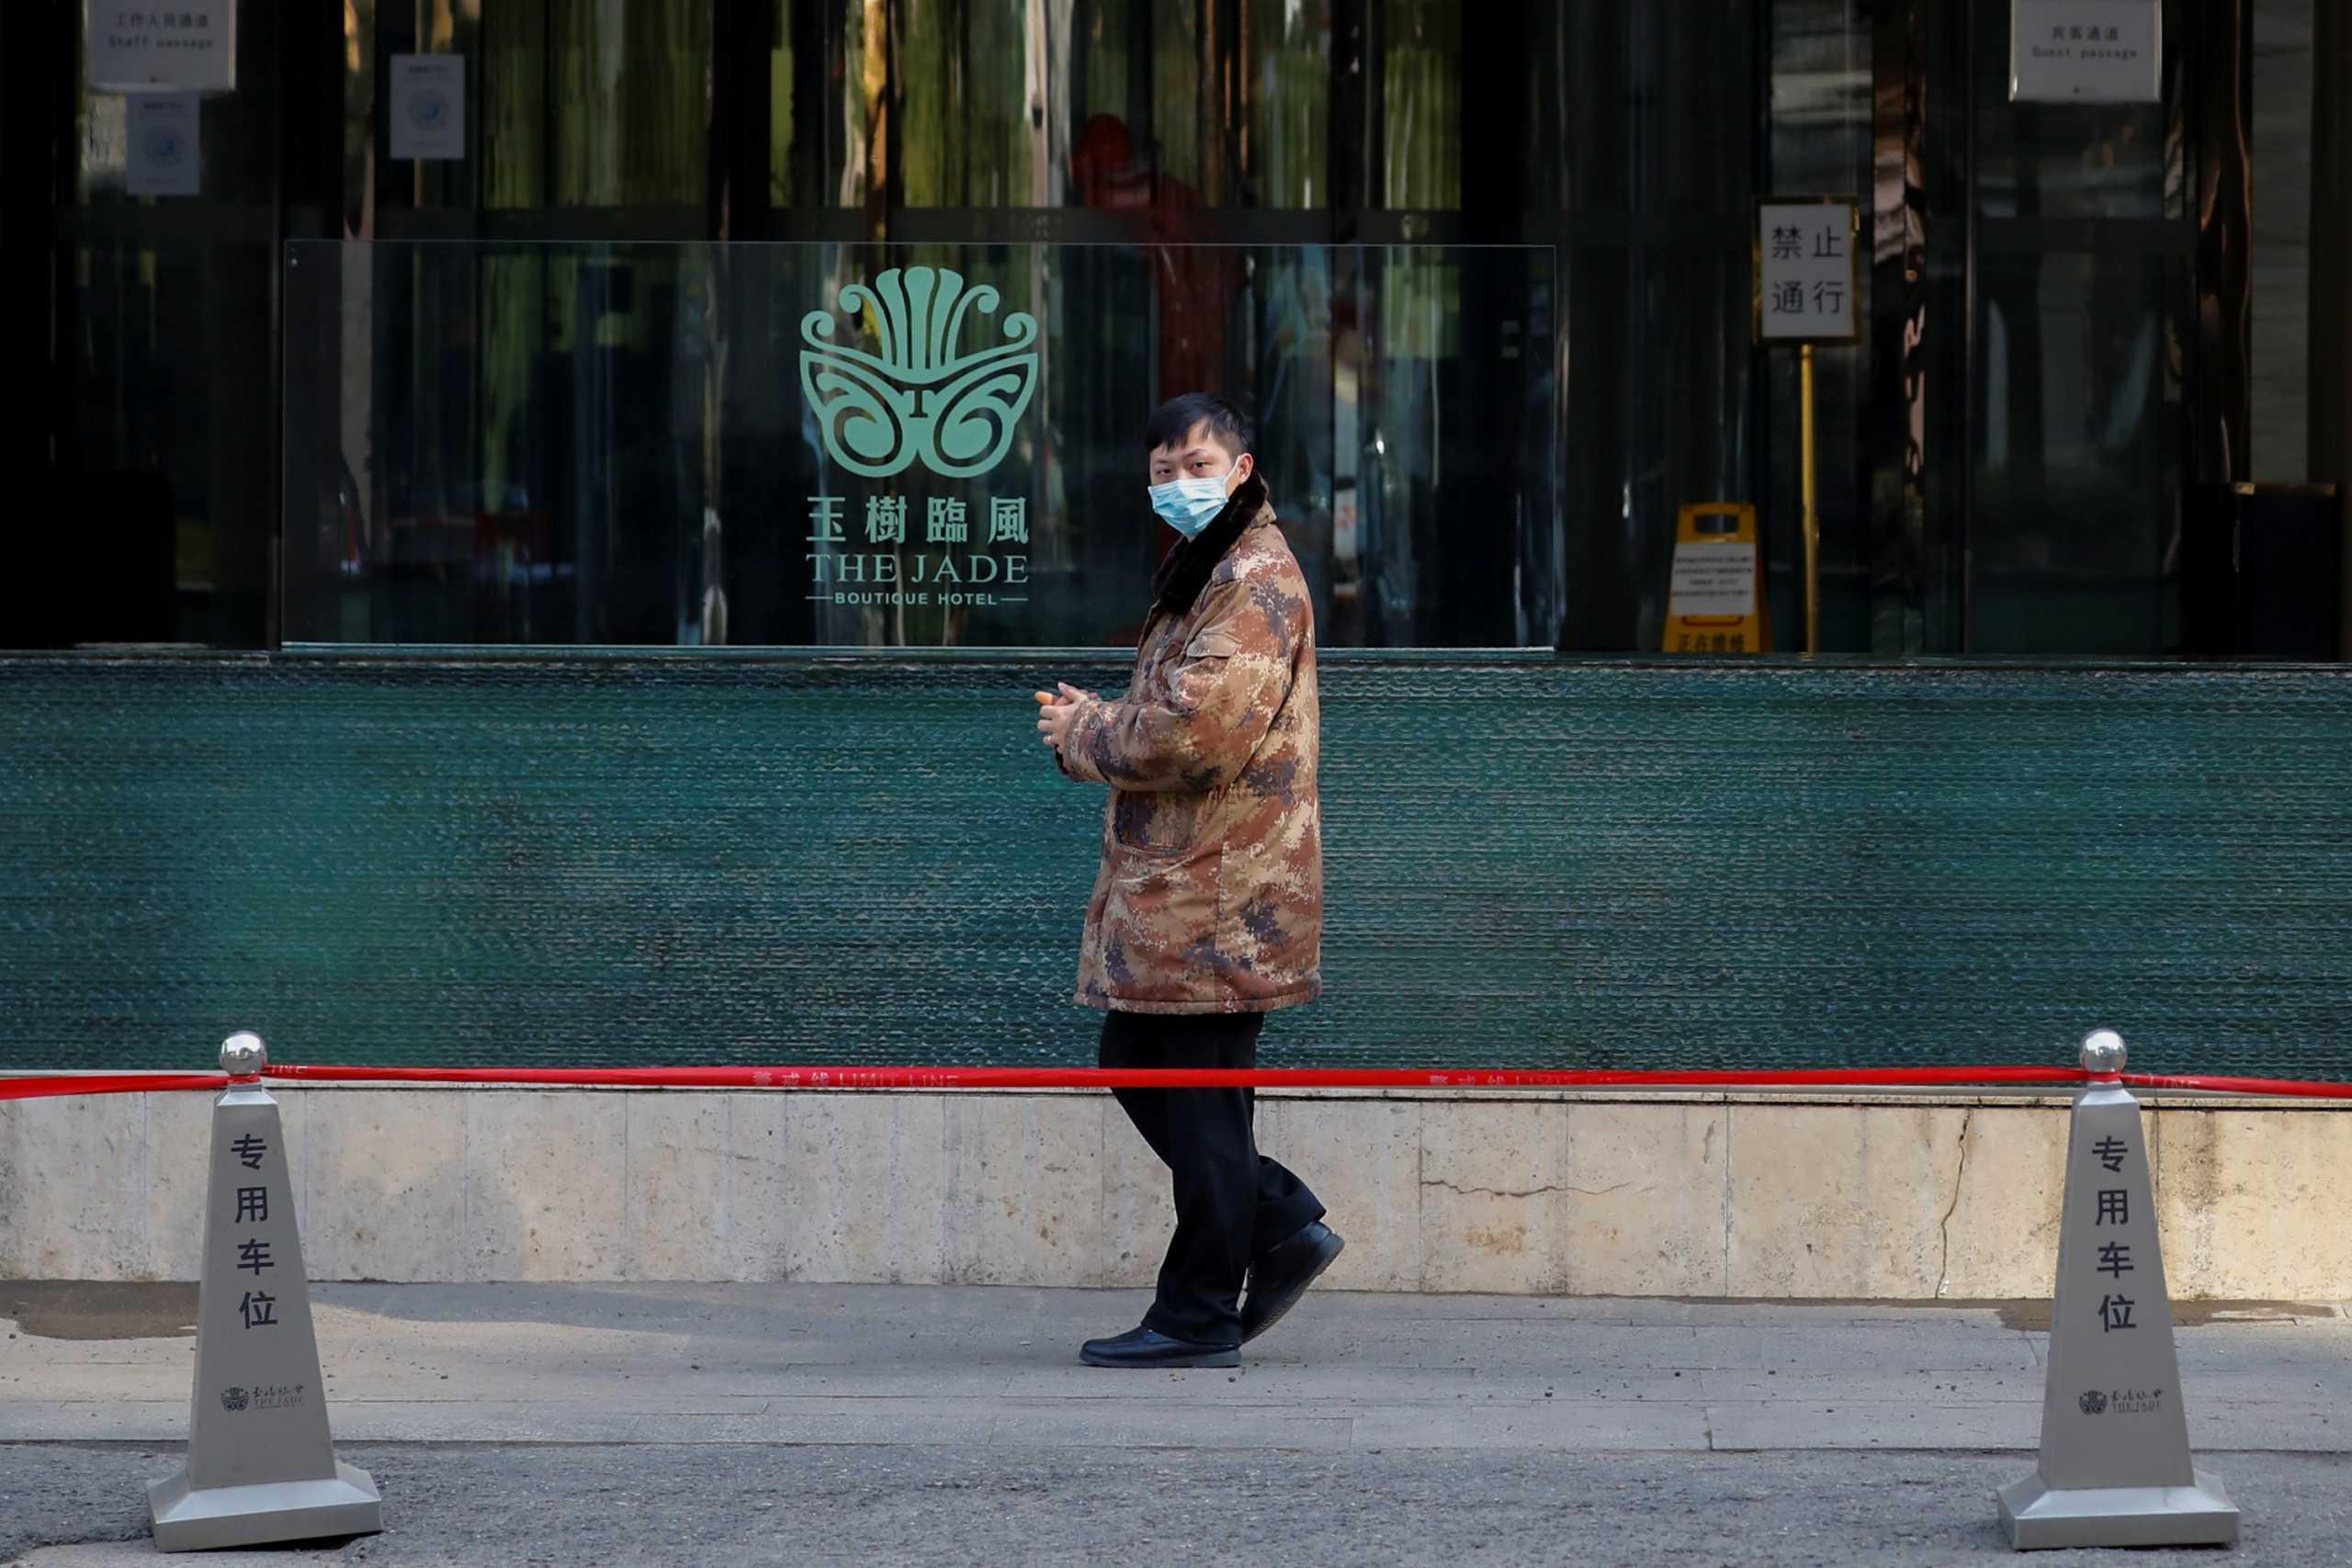 Κορονοϊός: Ίσως να μην ξεκίνησε από την Κίνα! Όλα όσα δείχνει η έρευνα του ΠΟΥ στην Γουχάν